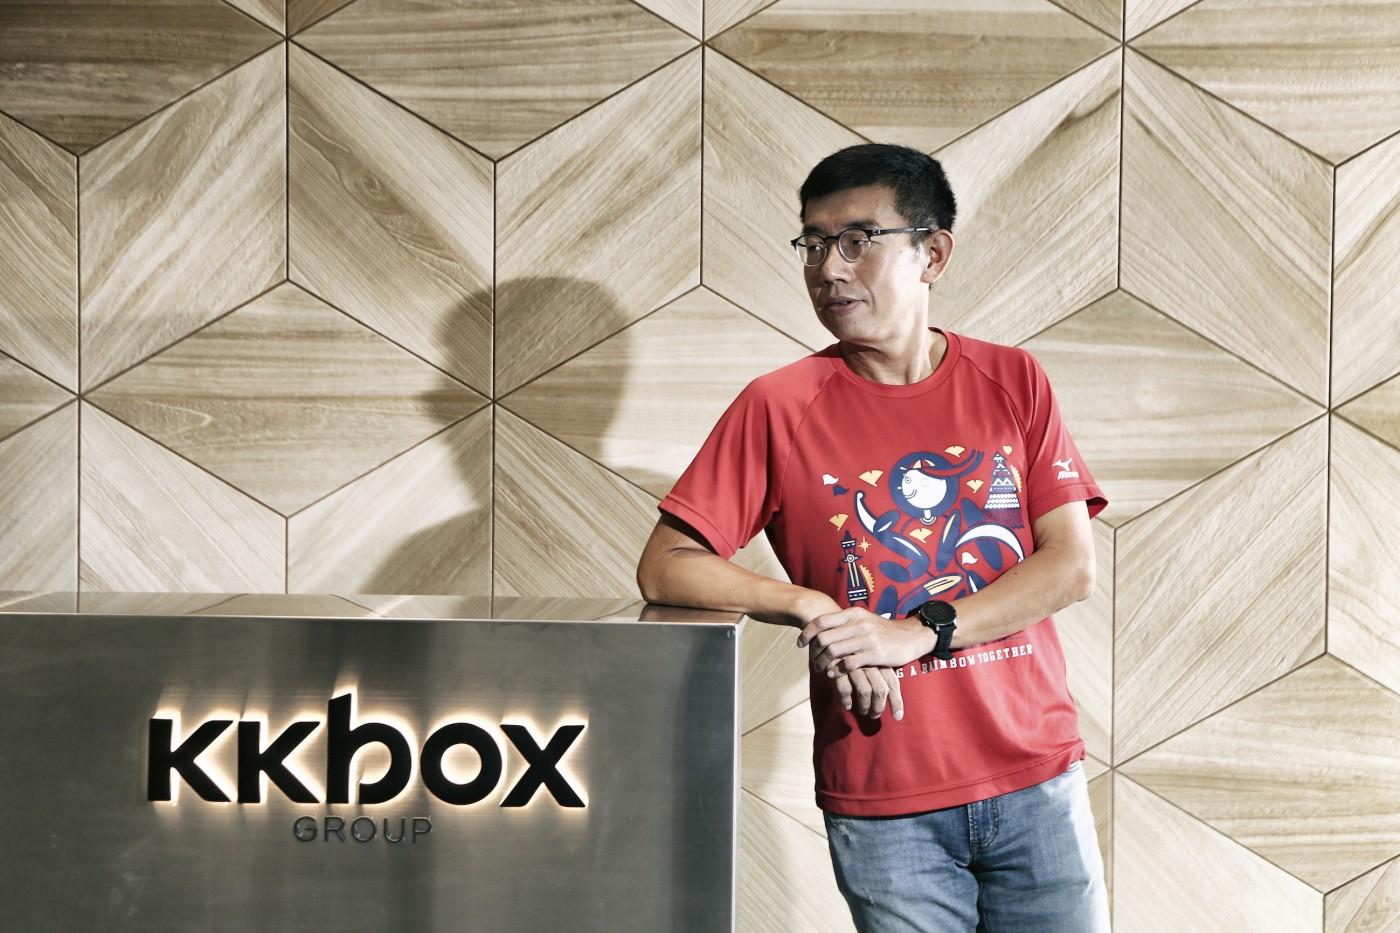 從線上走到線下!KKBOX經營場館辦演唱會,成立「LIVE」新事業體